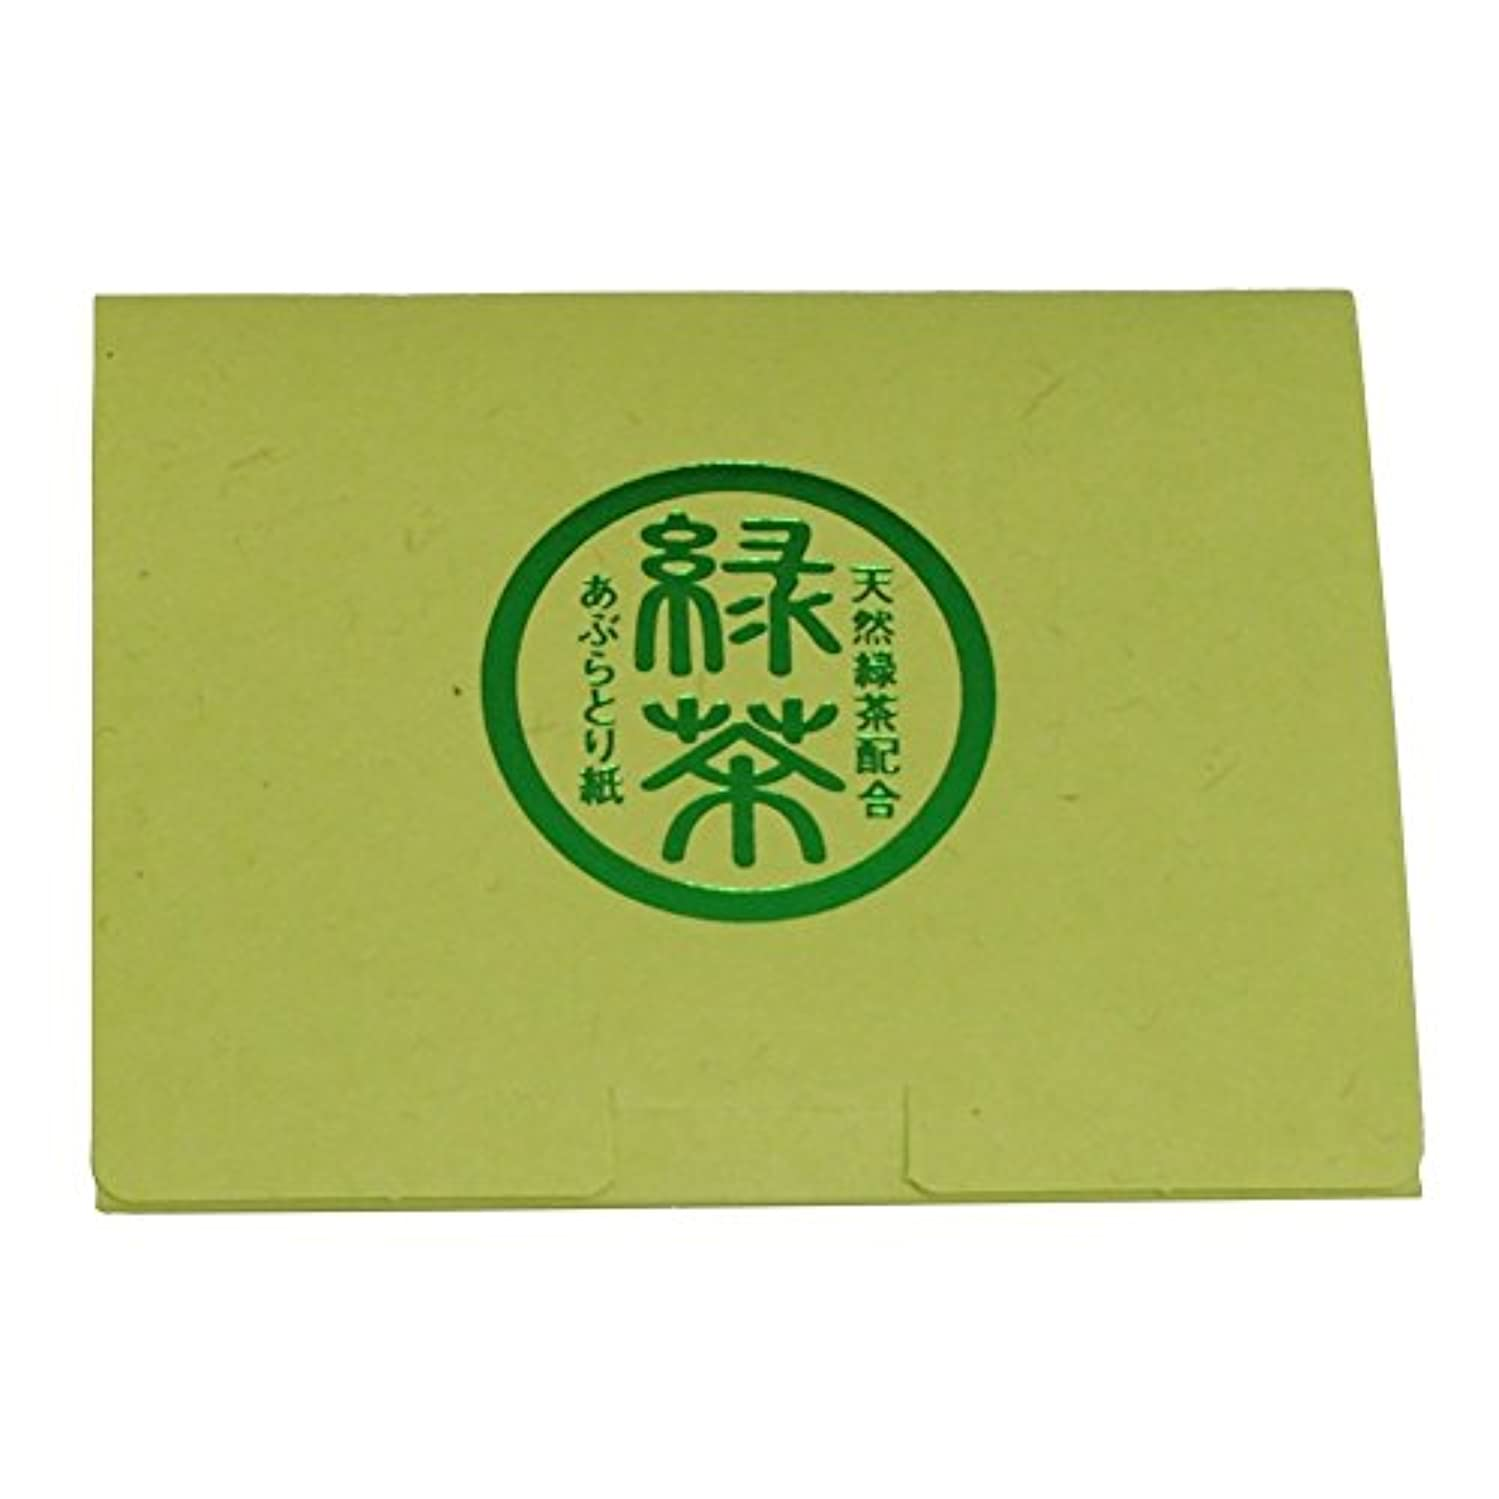 対話不快涙米長 天然緑茶配合 あぶらとり紙 高級 日本製 100枚入り